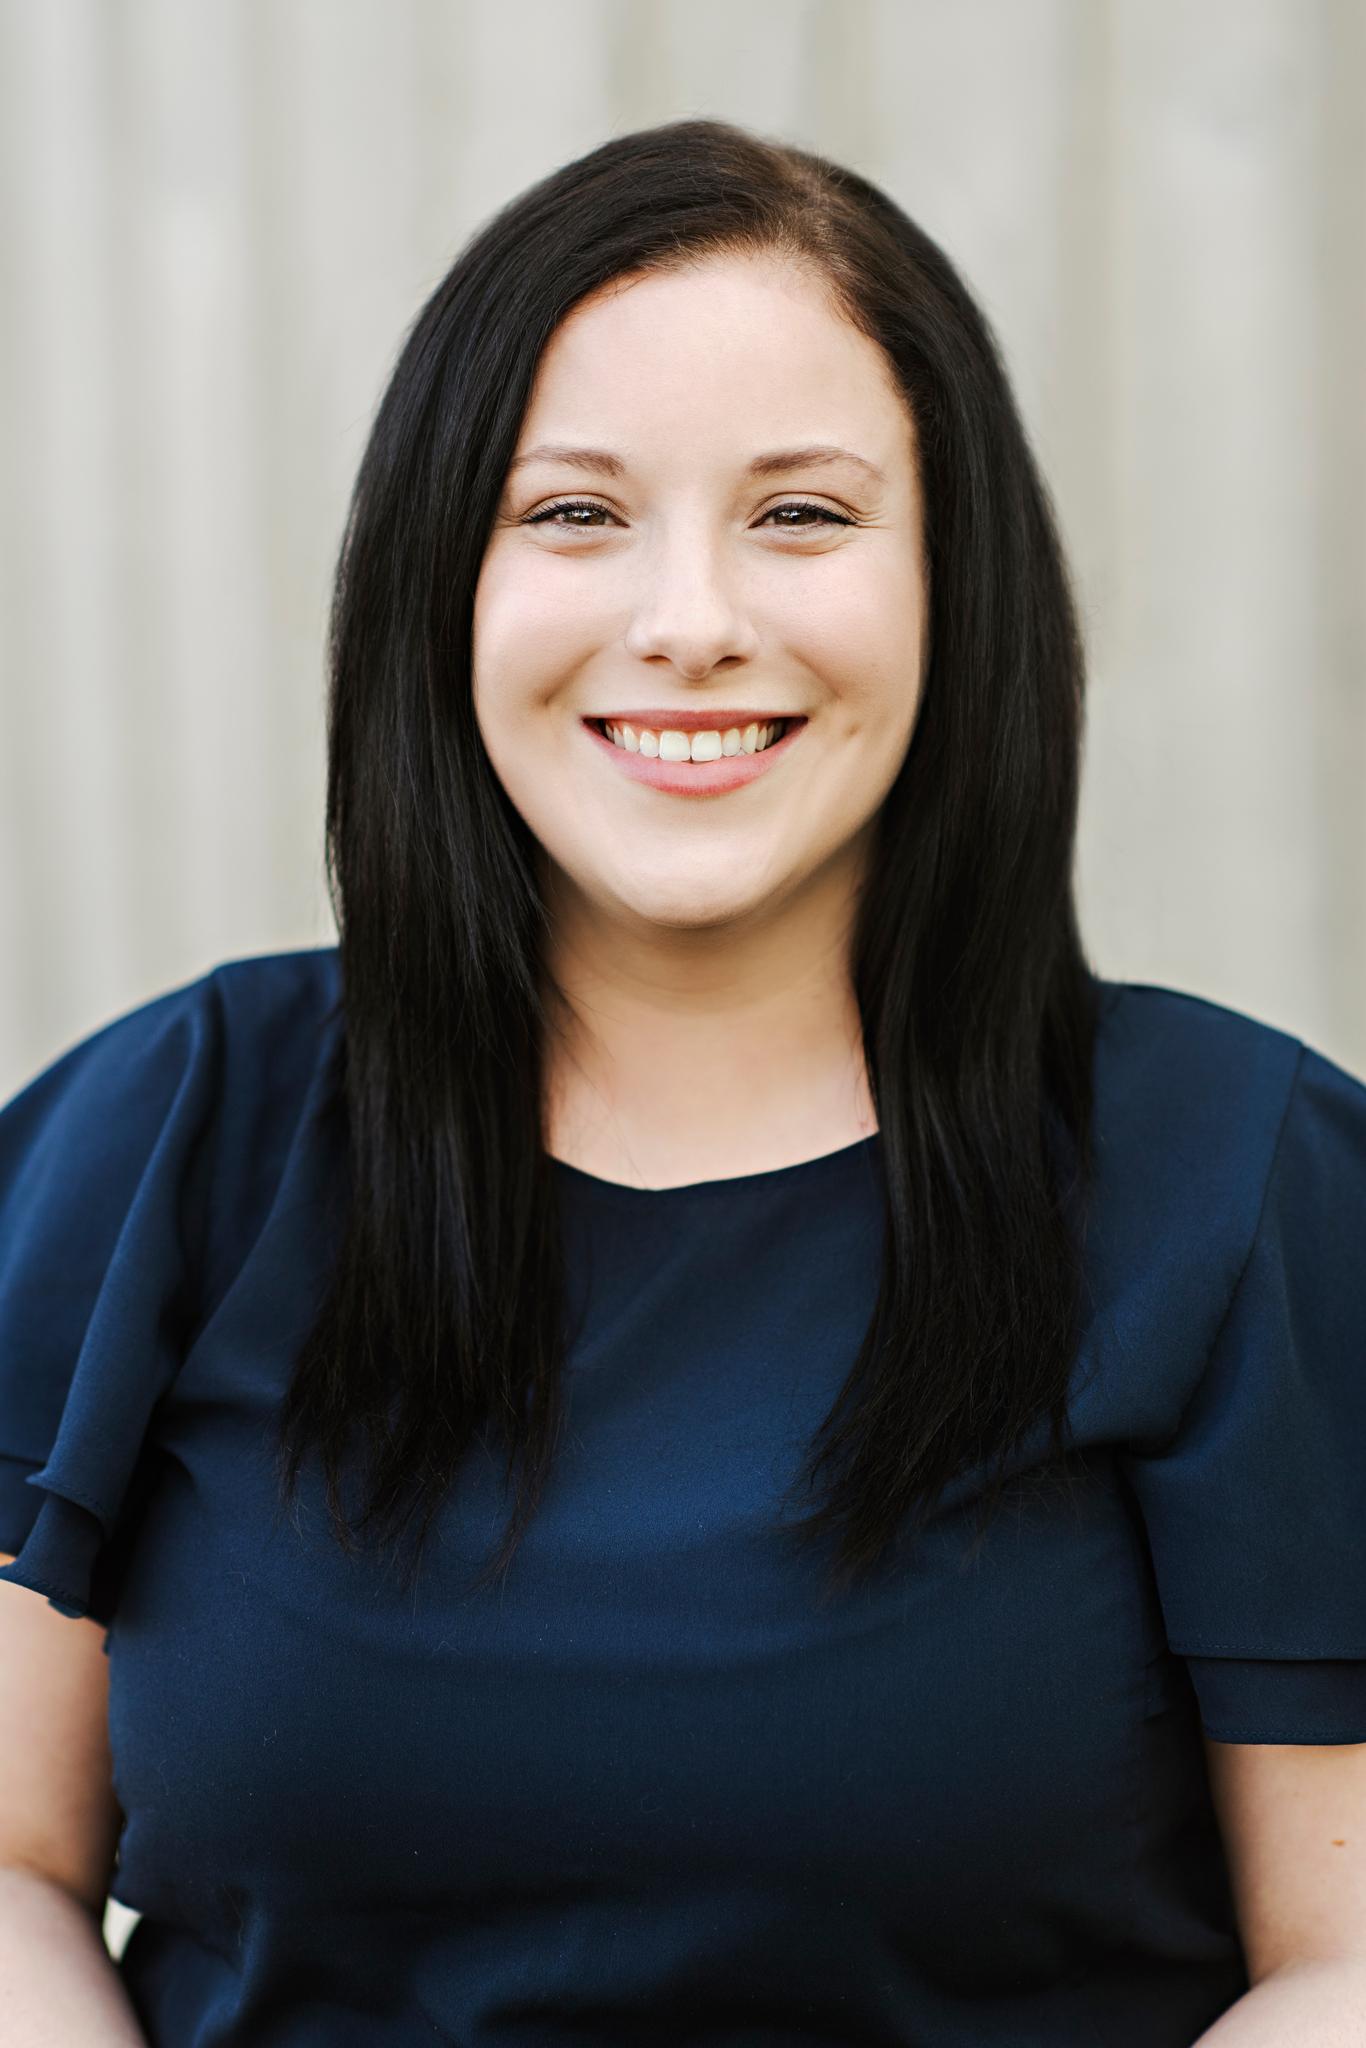 Adrianna Tassone